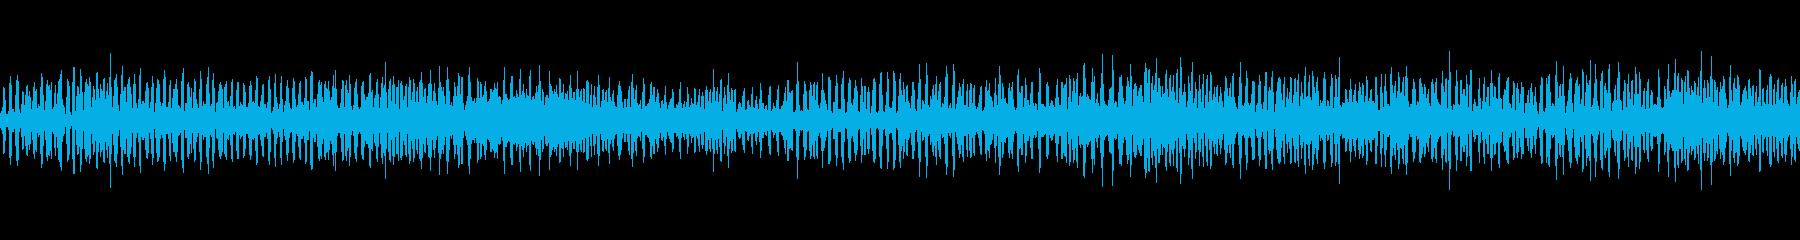 アマガエルの合唱の再生済みの波形